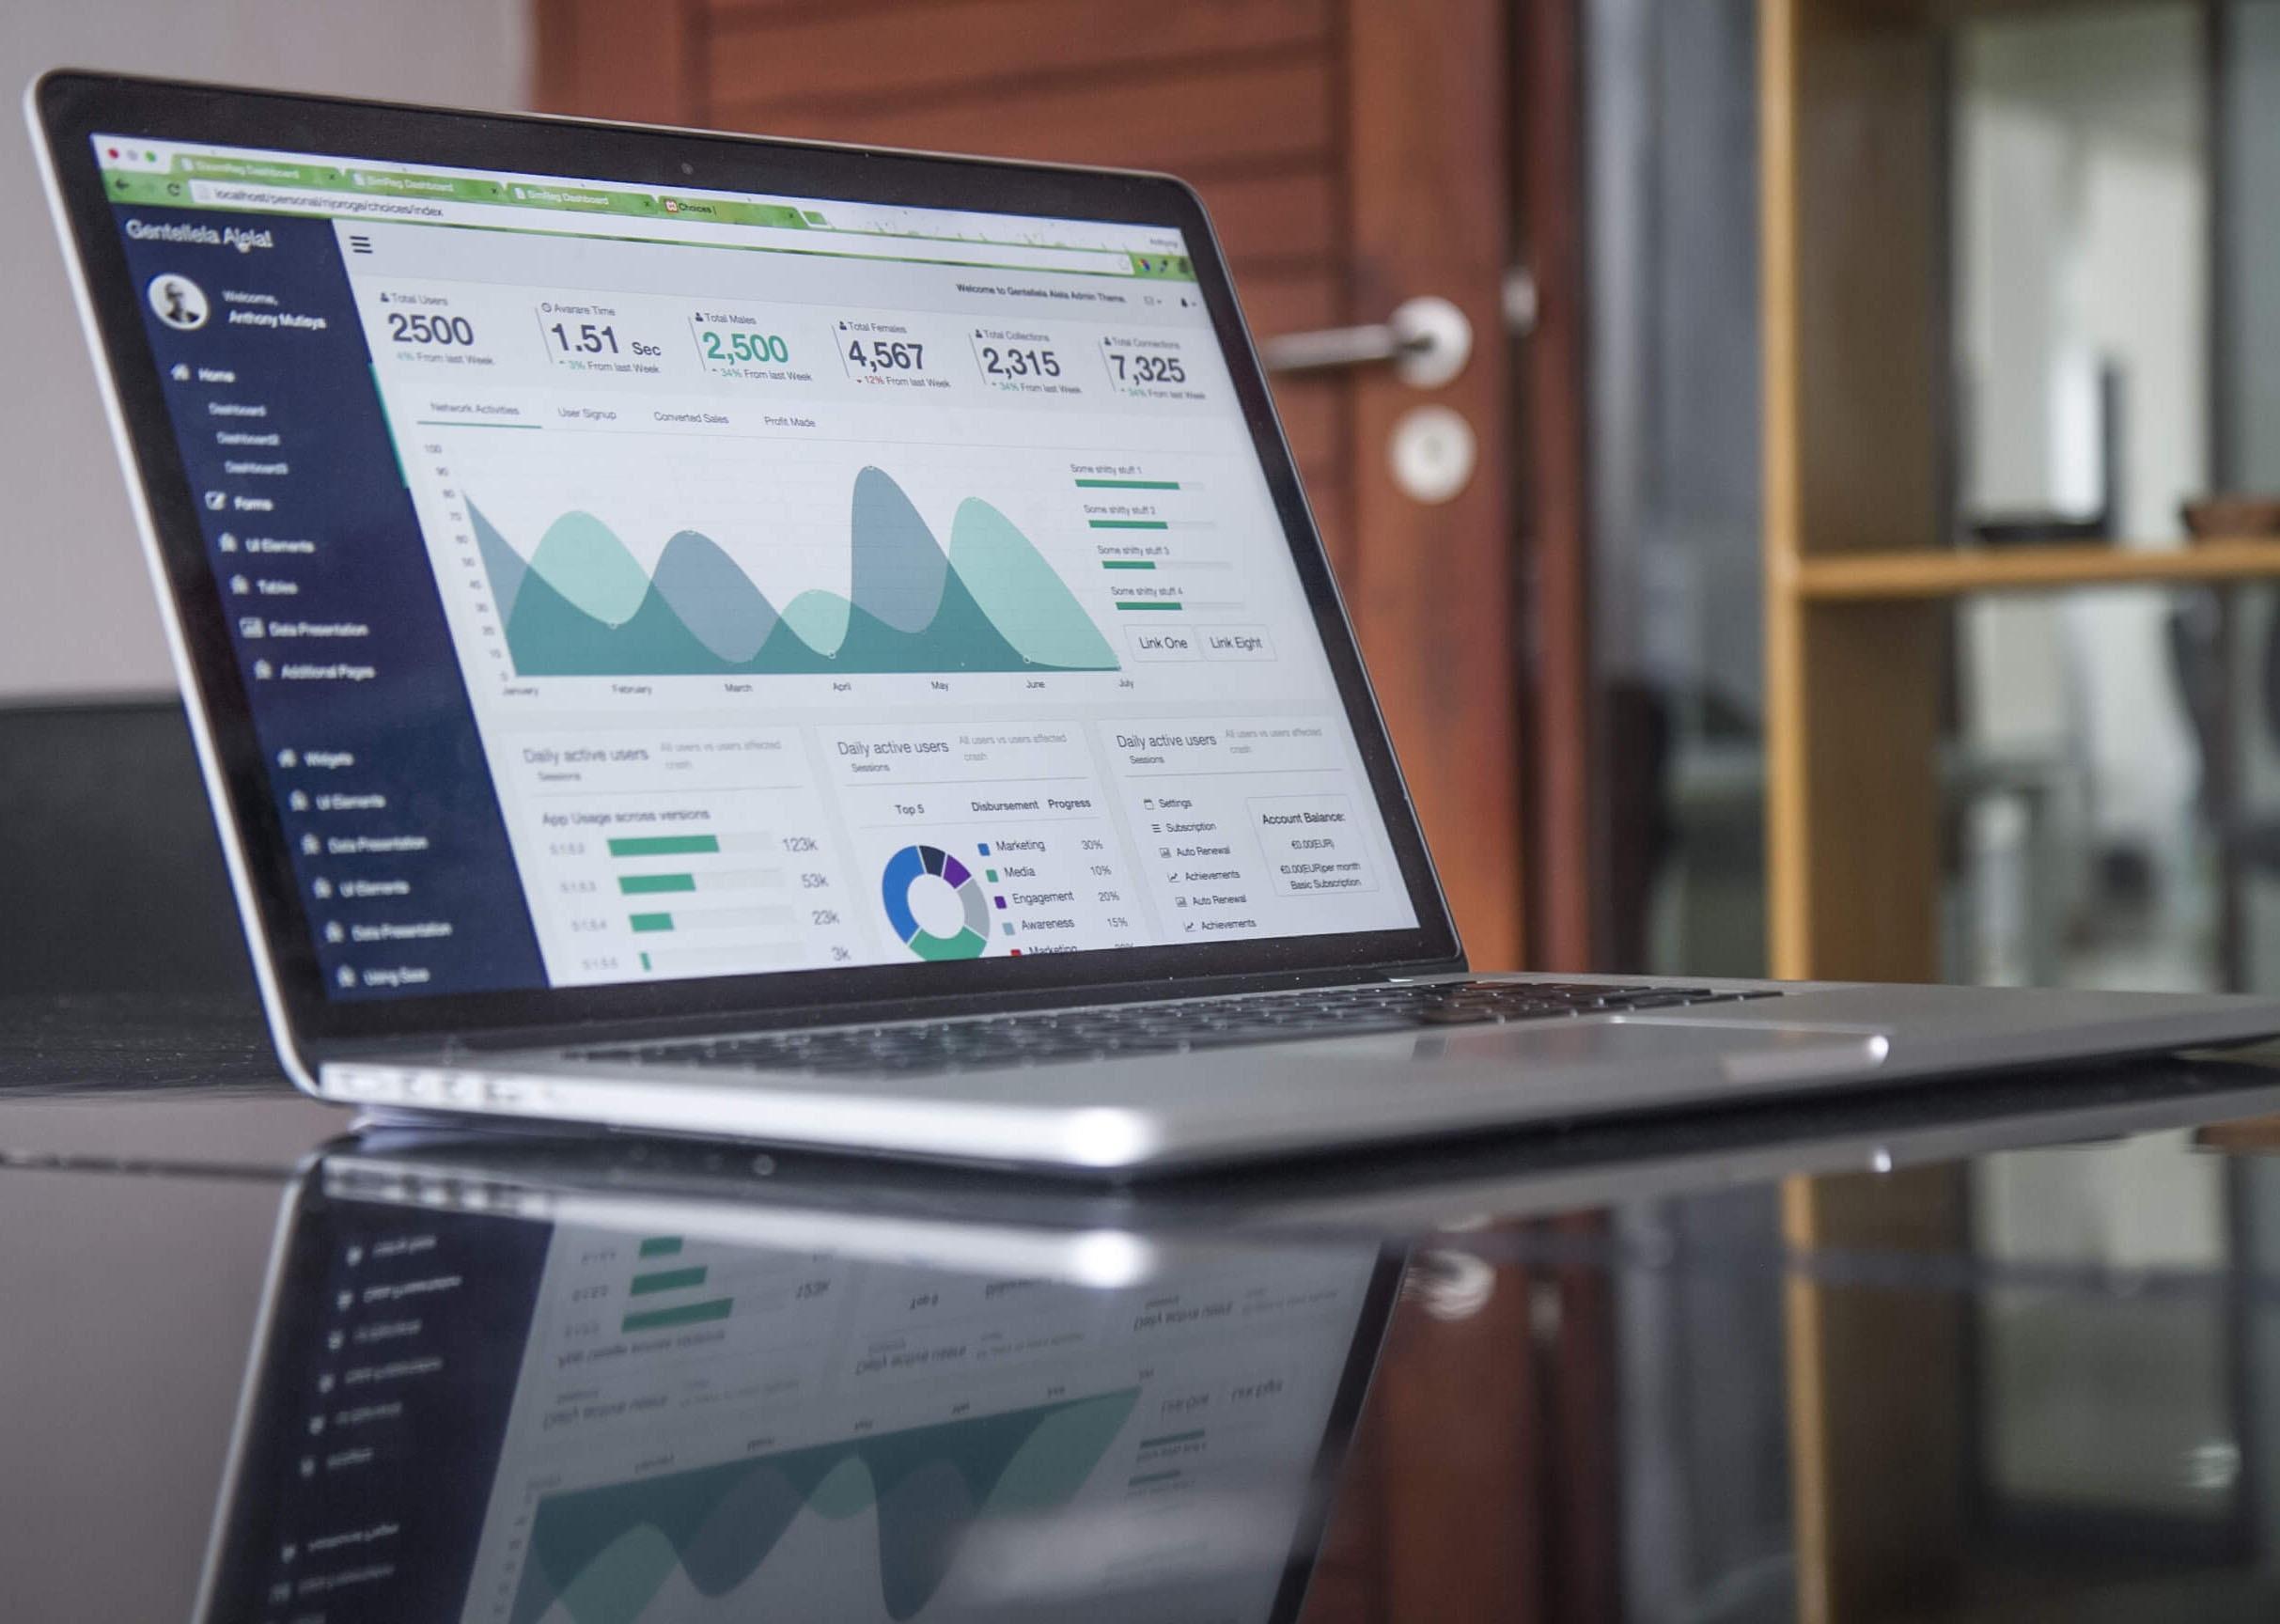 Das Bild zeigt einen Laptop, auf dem Diagramme und Statistiken zu sehen sind.